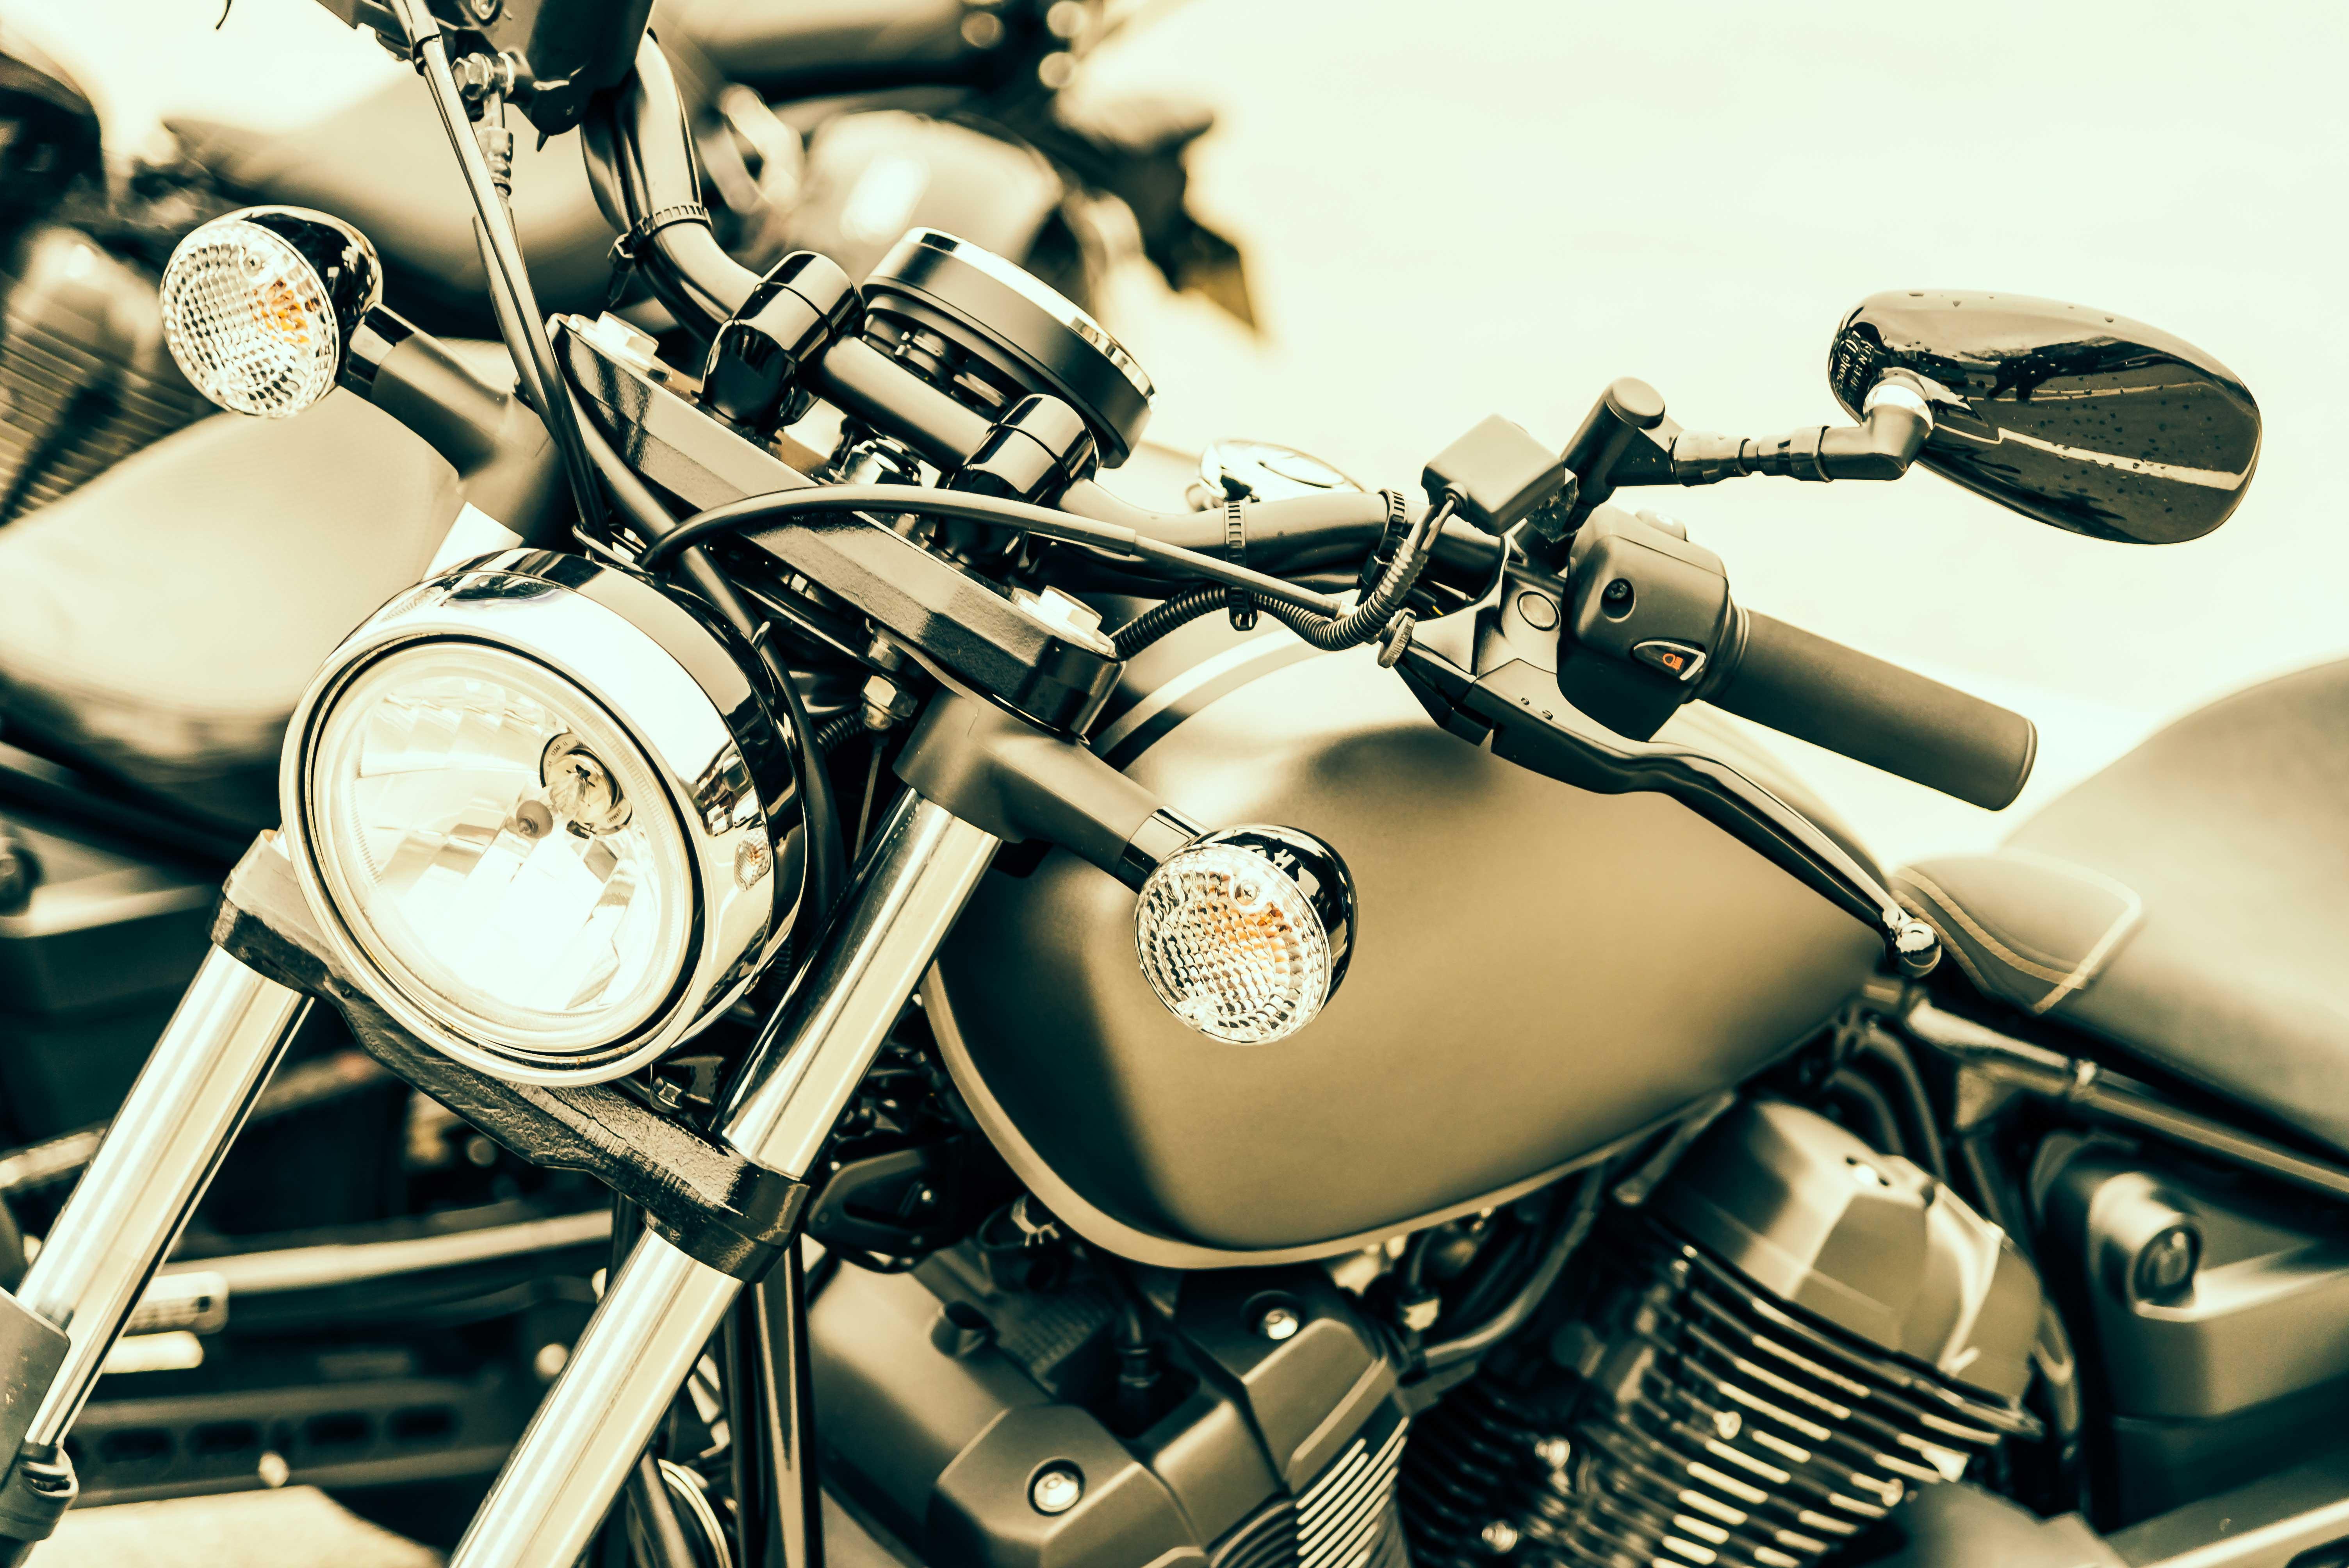 Carrosserie moto